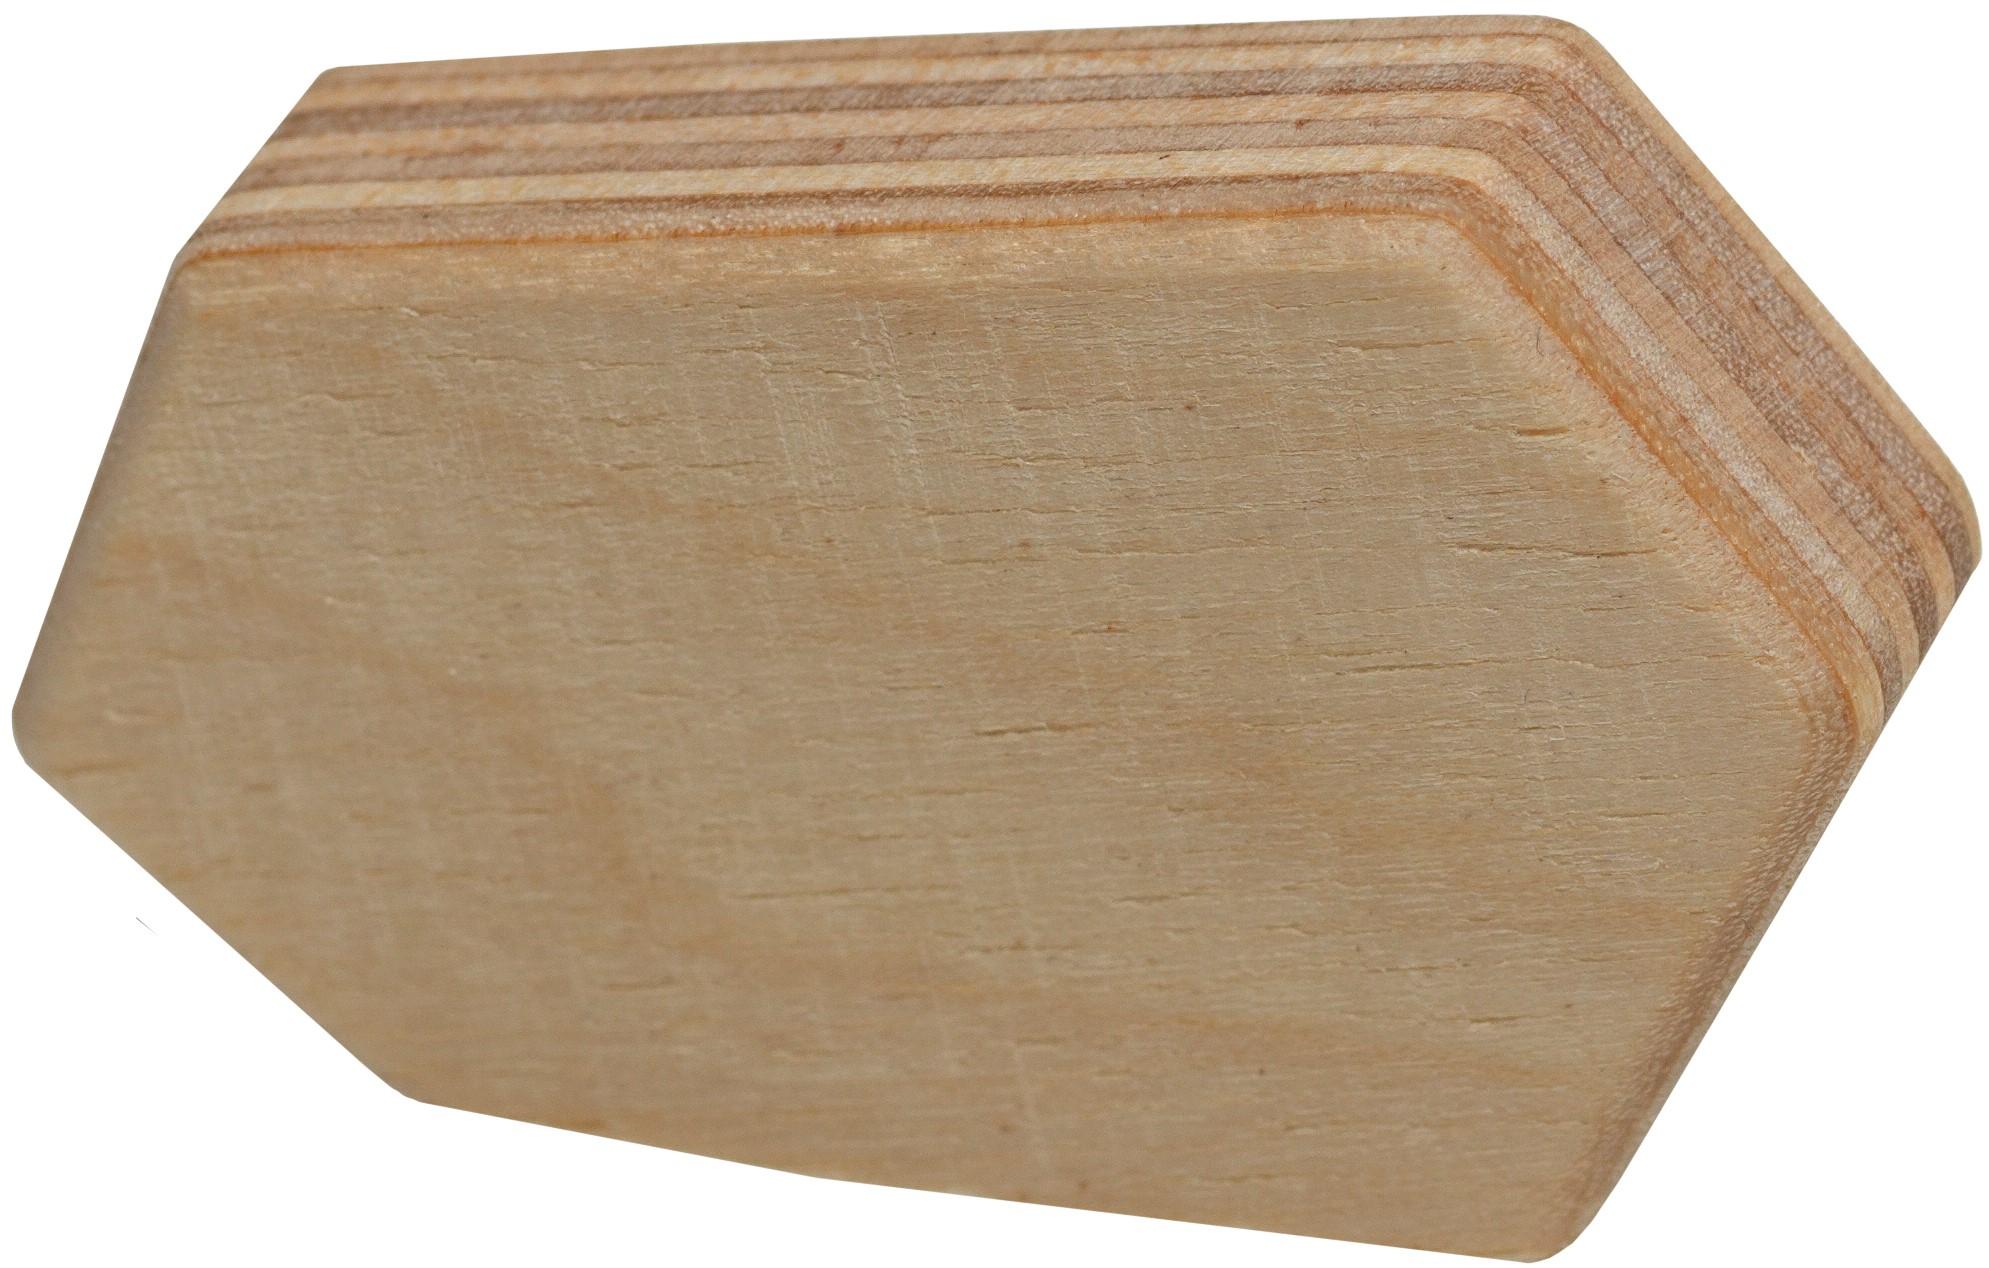 Lifetime Holzgriff 'Diamond' für Türen- und Regalsystem